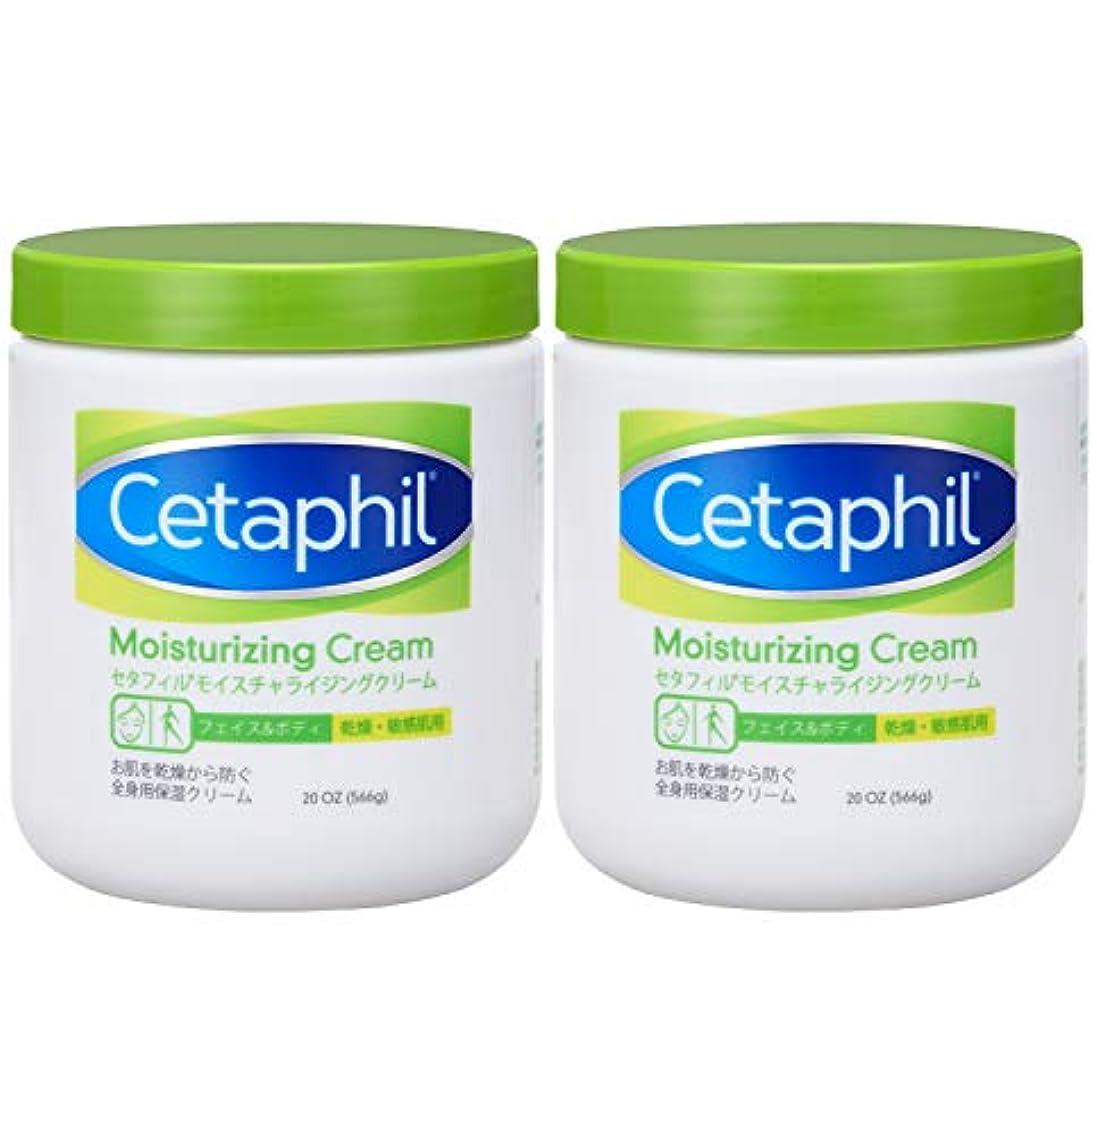 純度子猫慣れているセタフィル Cetaphil ® モイスチャライジングクリーム 566ml 2本組 ( フェイス & ボディ 保湿クリーム クリーム )